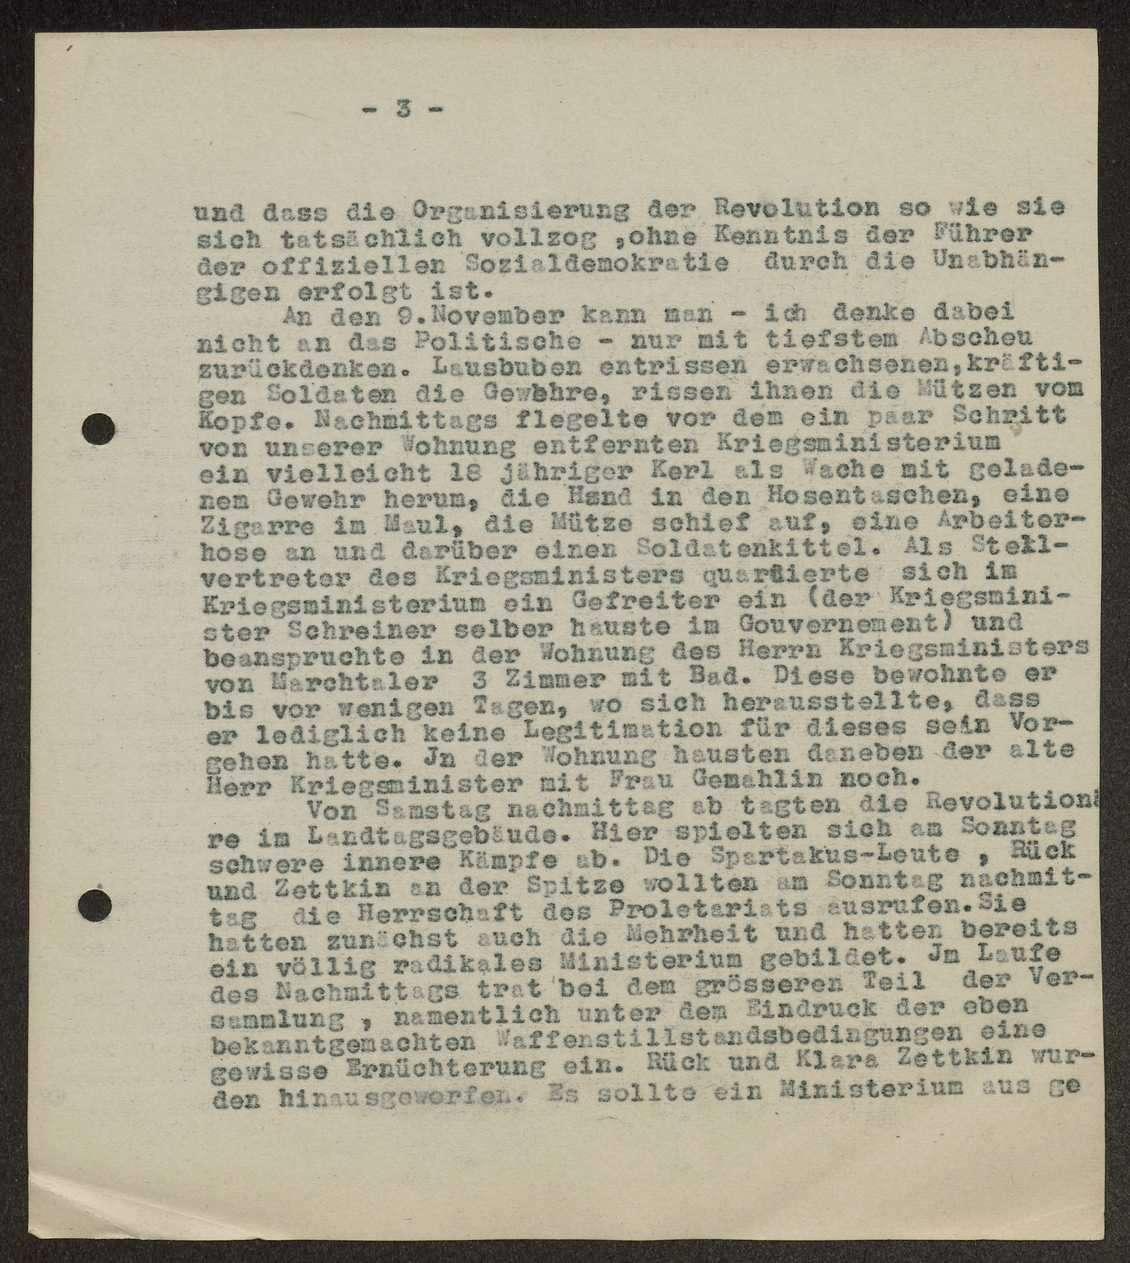 Bericht von Schall über die Vorgänge bei der Revolution 1918 und die wirtschaftliche Lage Württembergs danach, Bild 3